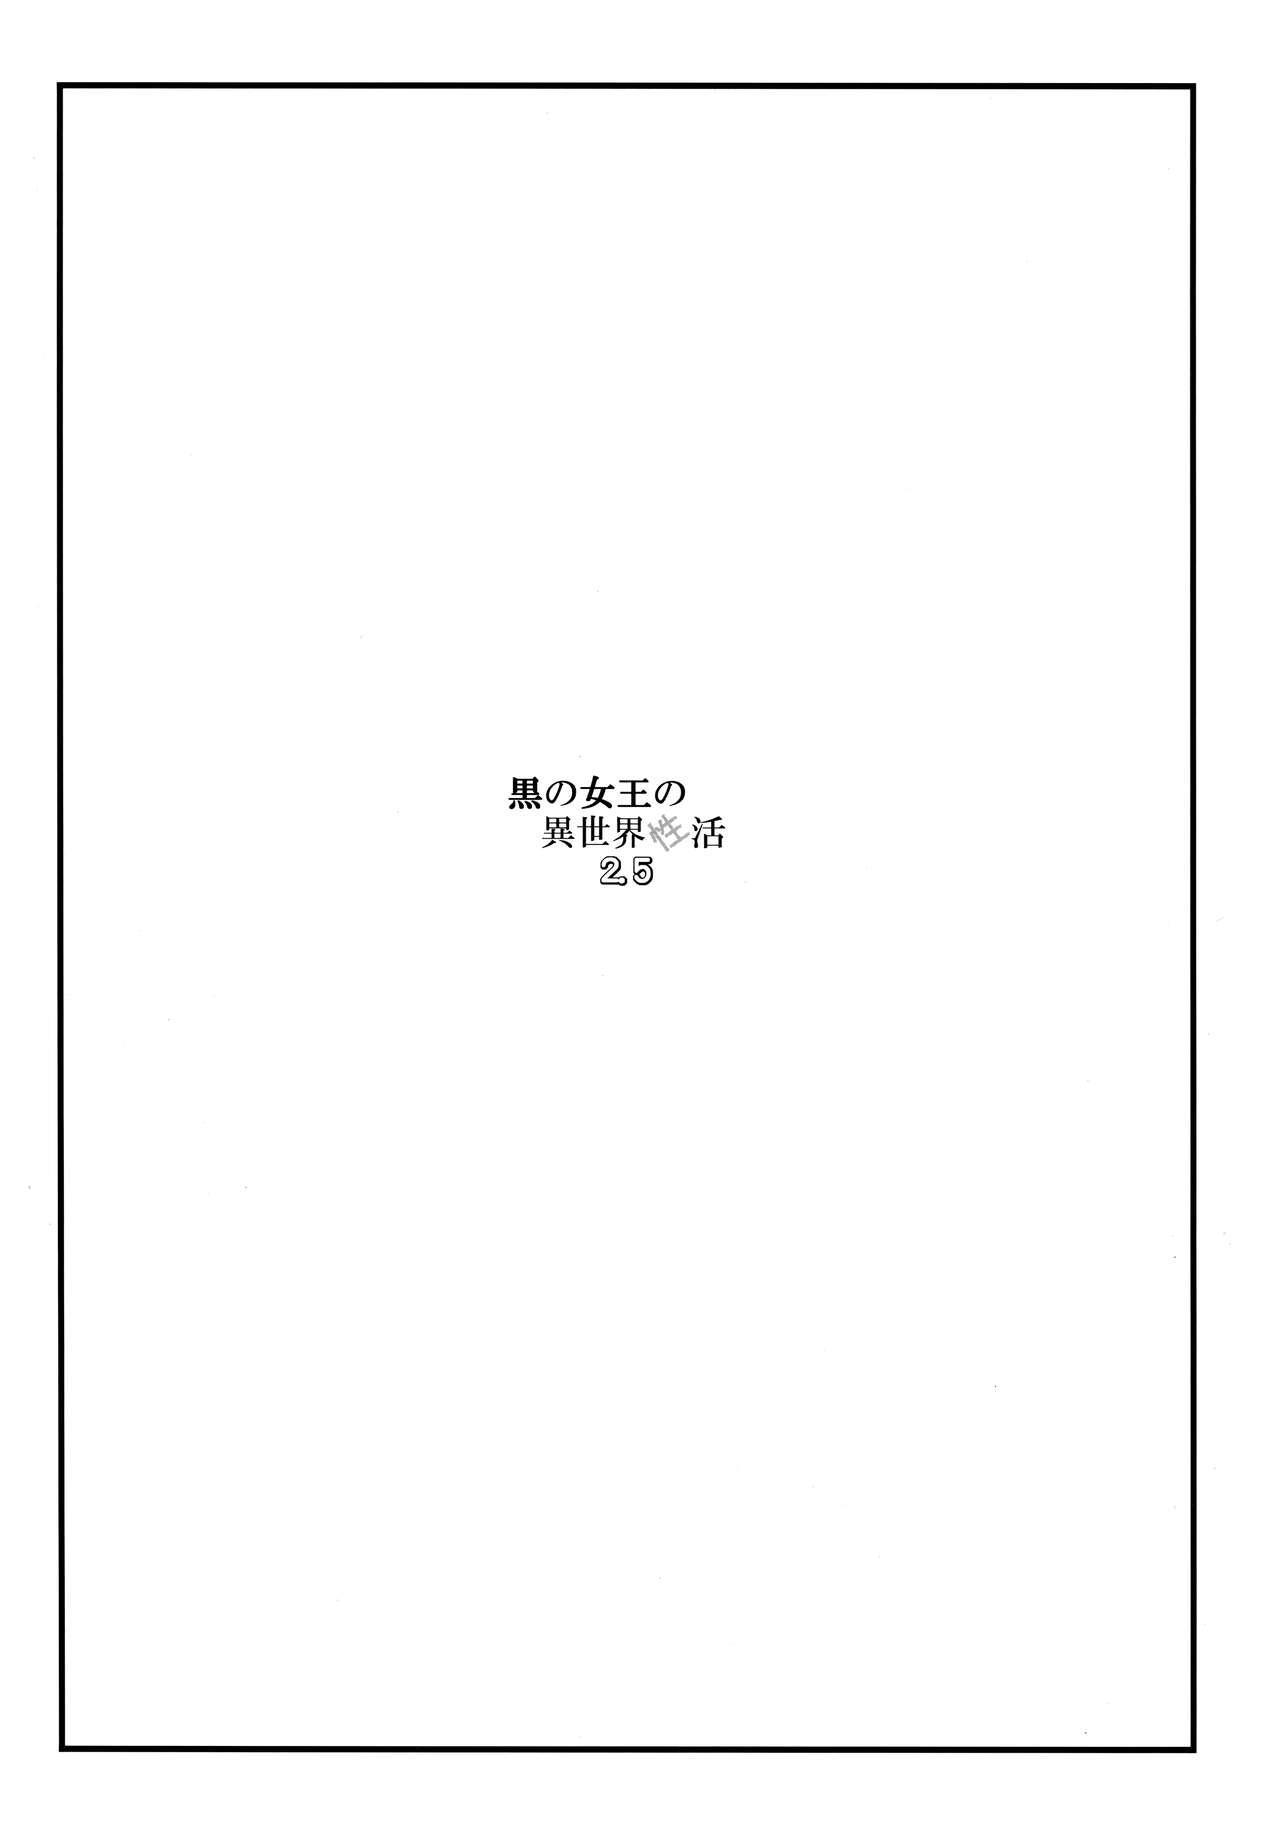 Kuro no Joou no Isekai Seikatsu 2.5 2